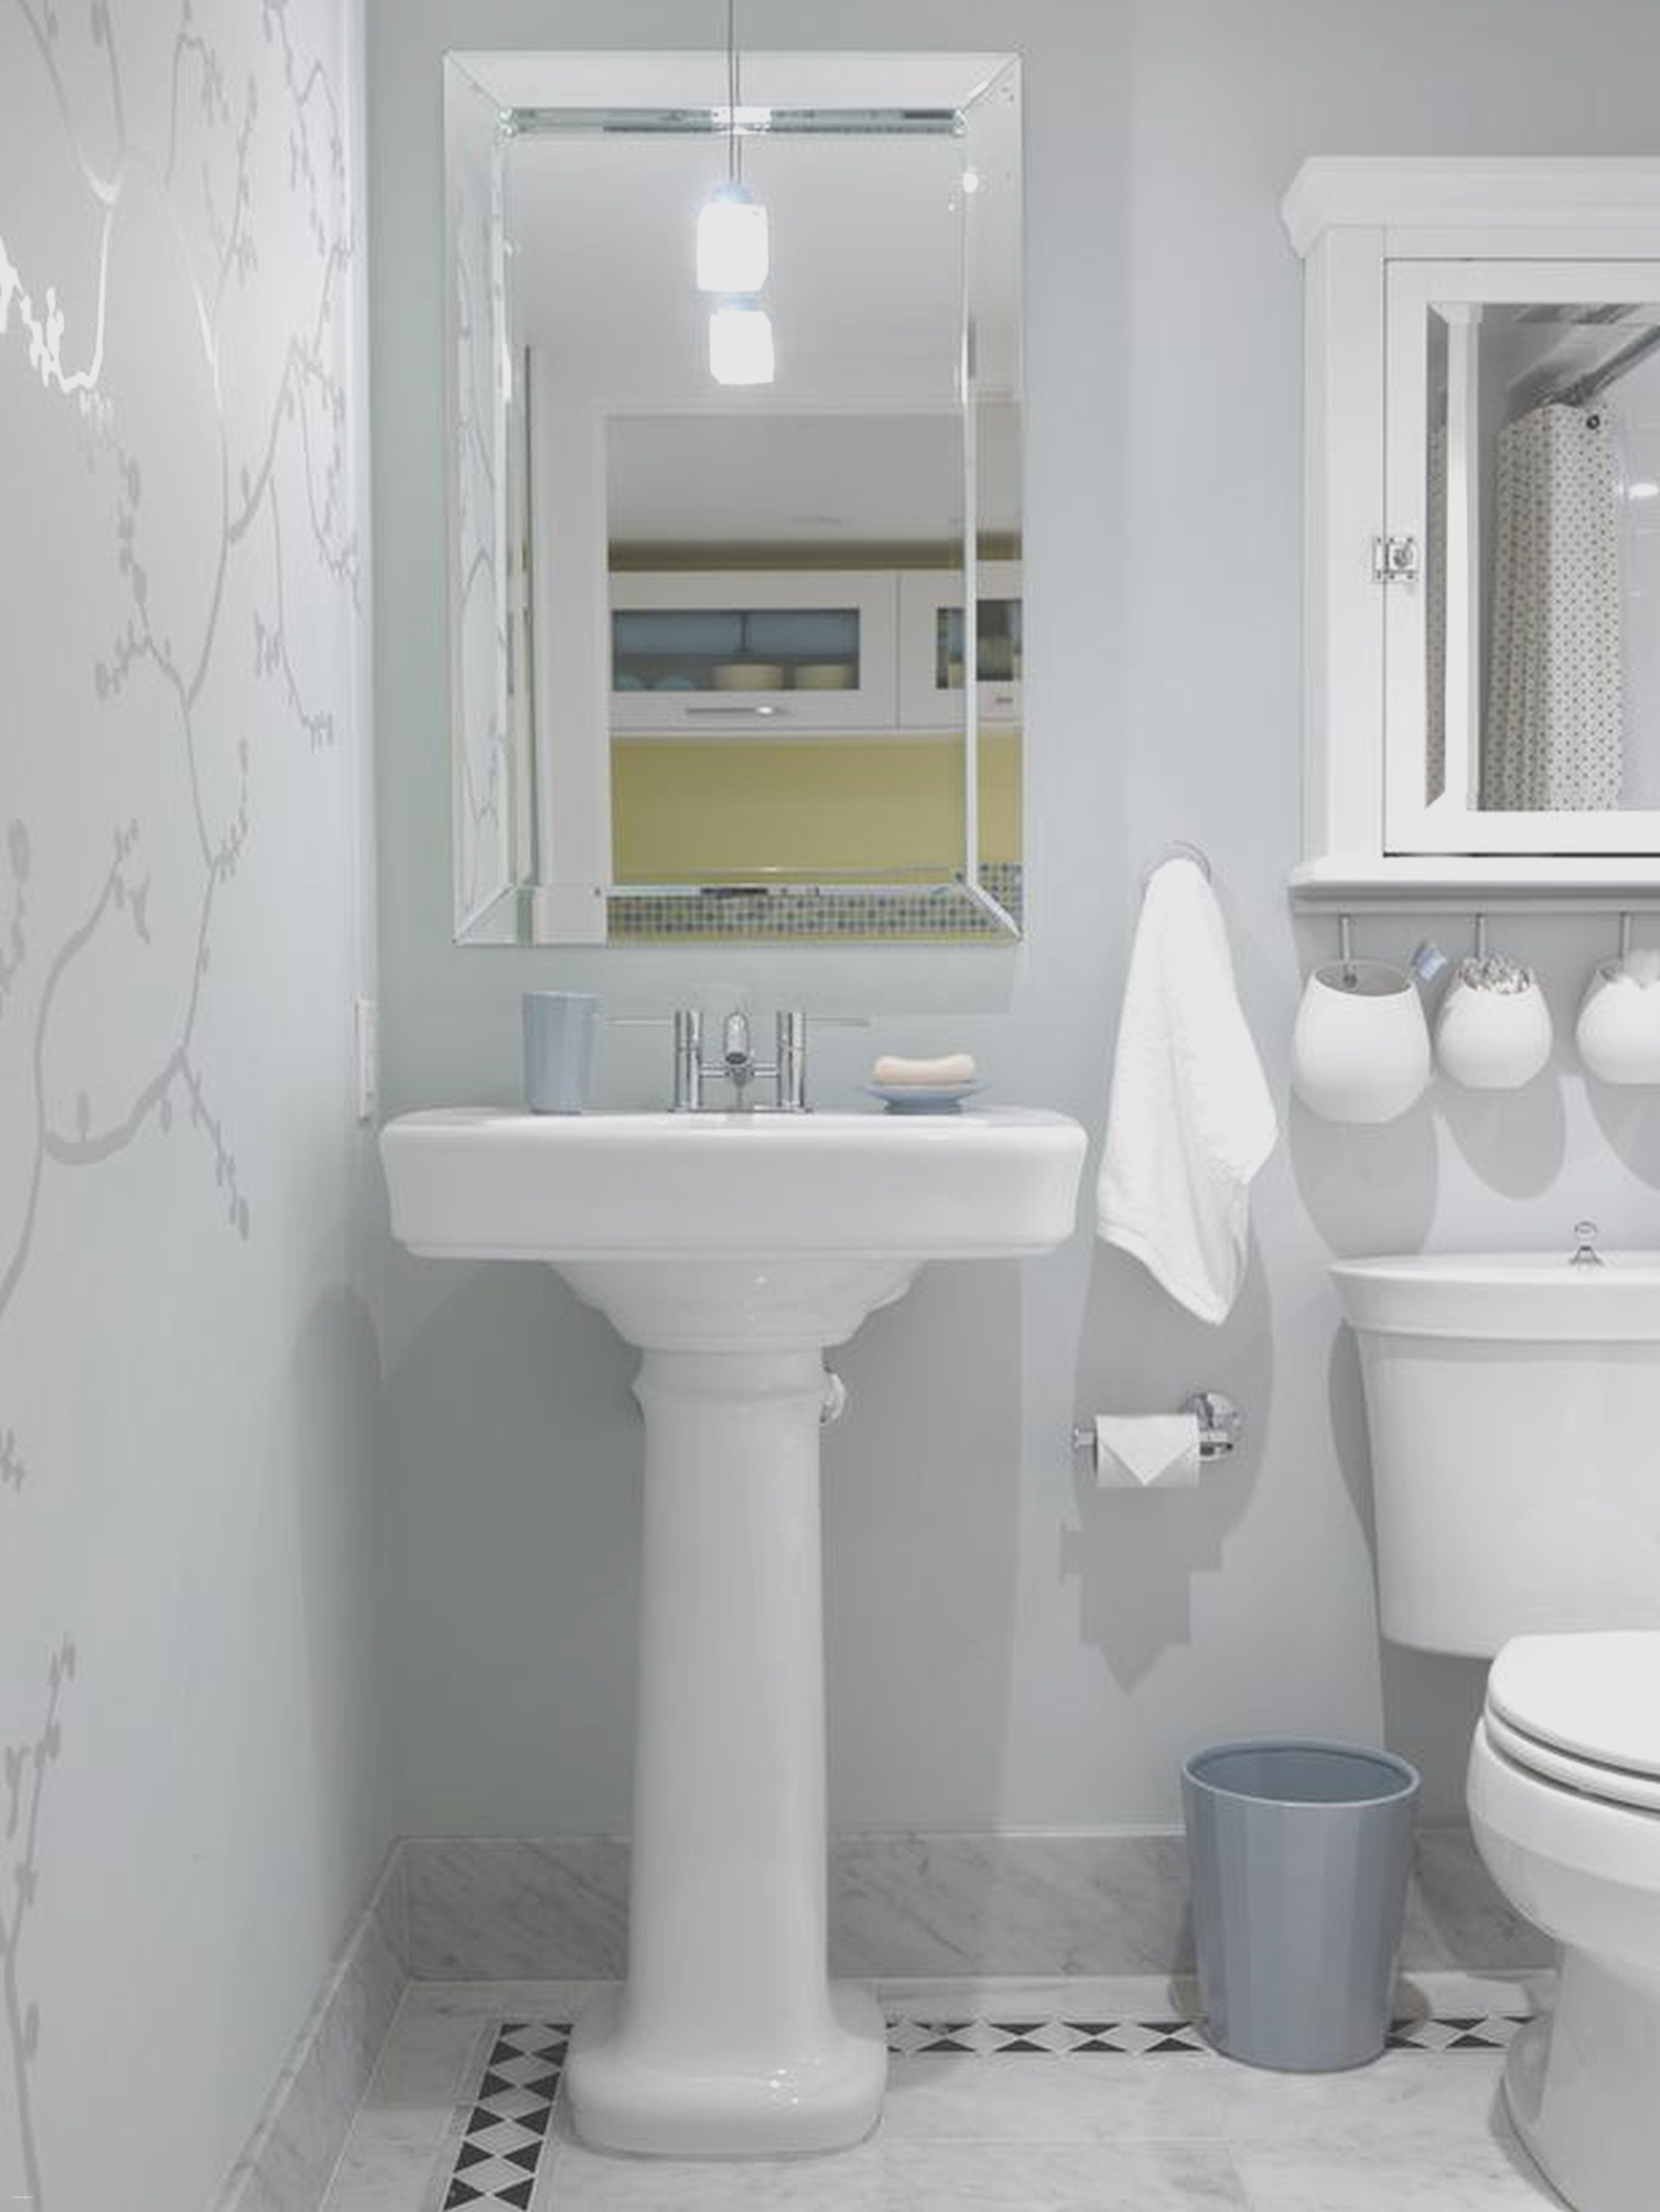 19 Fresh Small Bathroom Ideas With Photos Creative Maxx 19 Fresh Small Bathroom As With Photos Basement Bathroom Design Small Bathroom Small Bathroom Decor